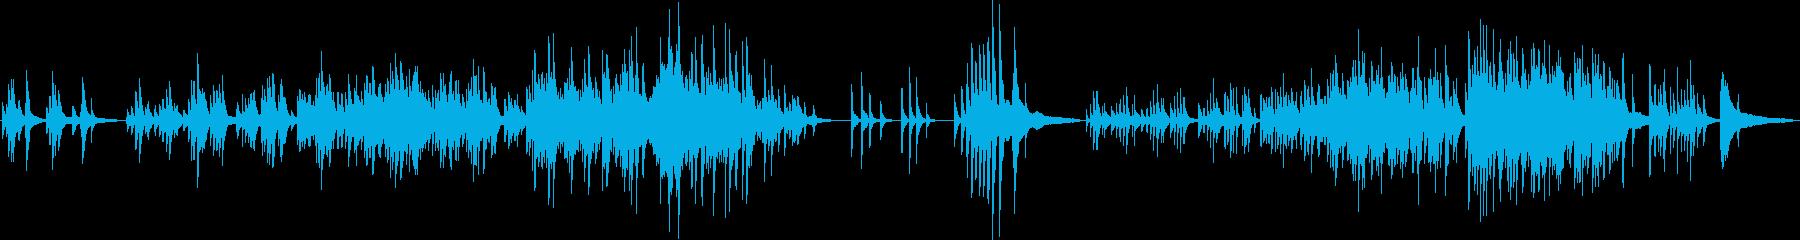 温かく、どこか切ないピアノソロ曲の再生済みの波形